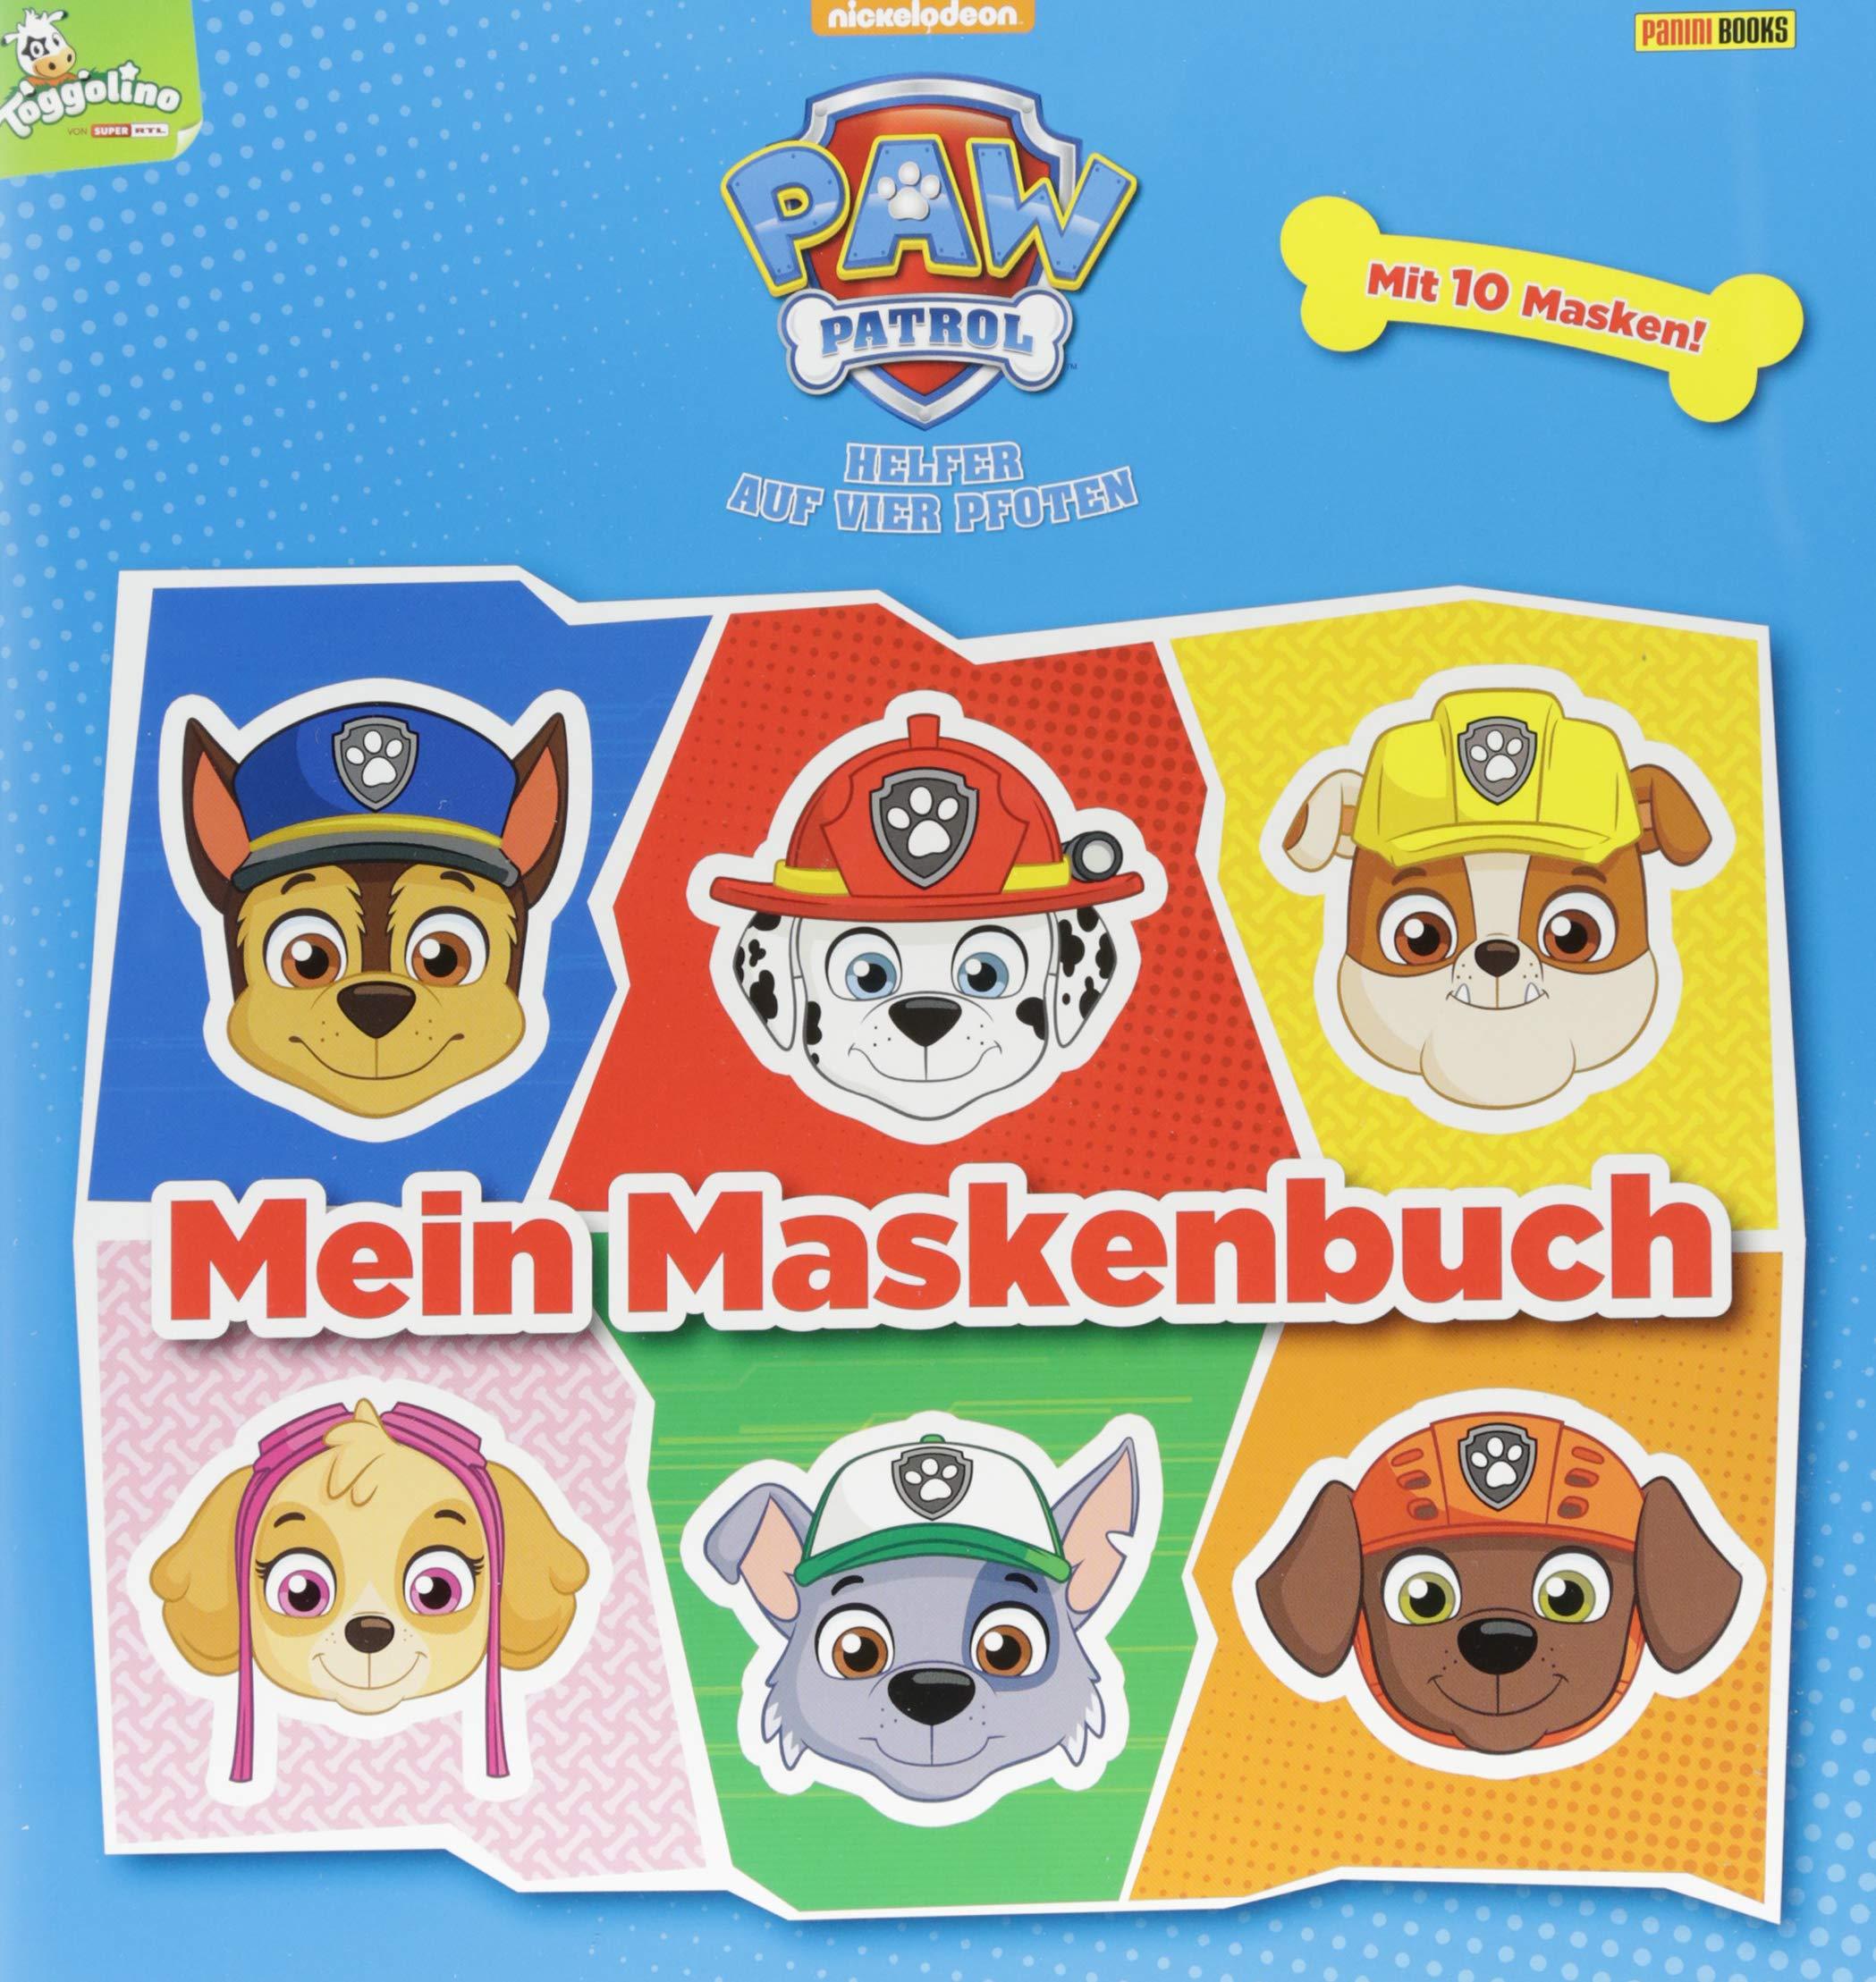 PAW Patrol  Mein Maskenbuch  Mit 10 Masken